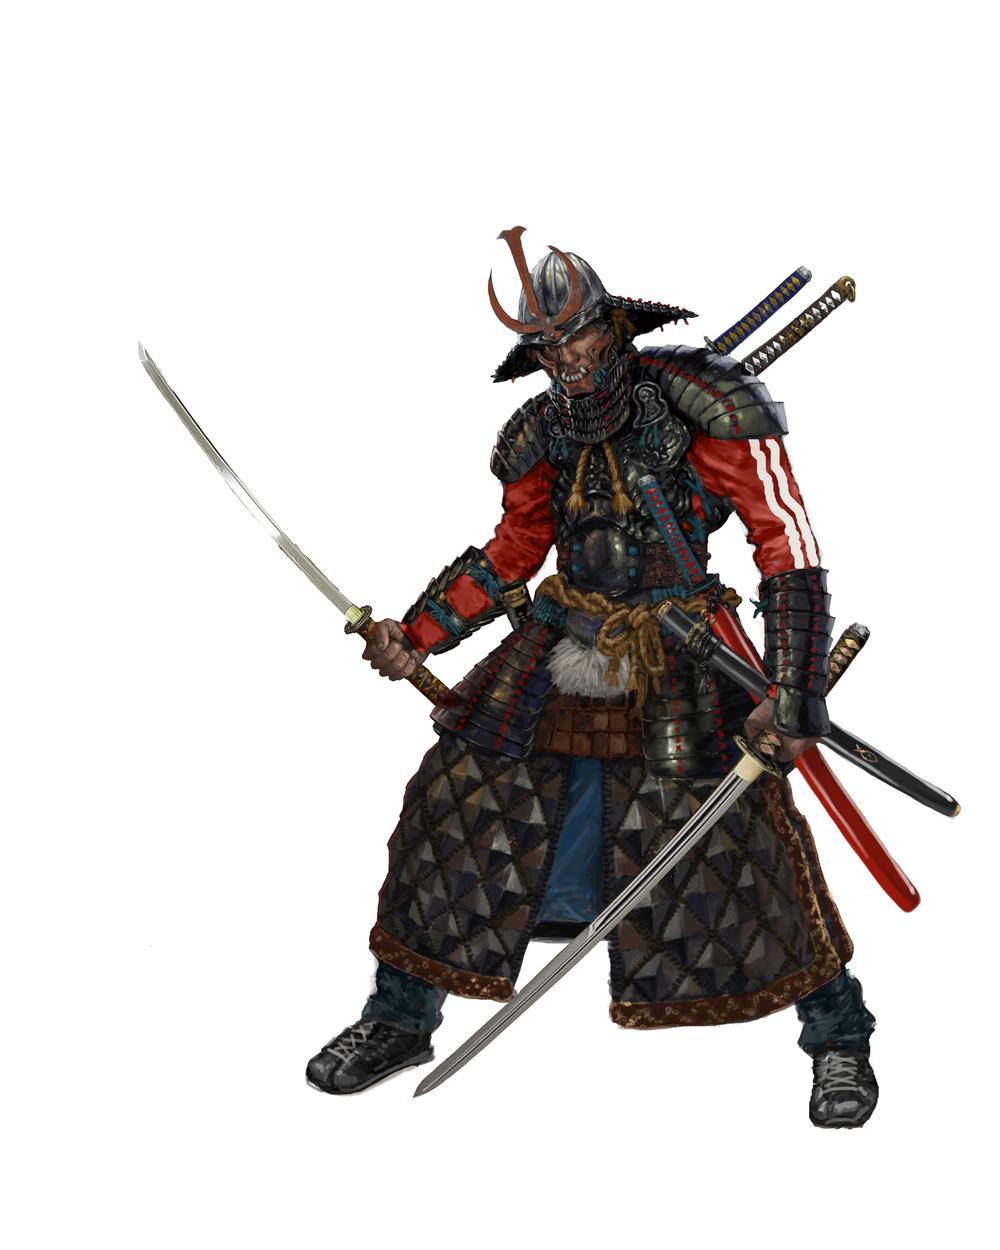 Samurai01c_gymsuit copy.jpg